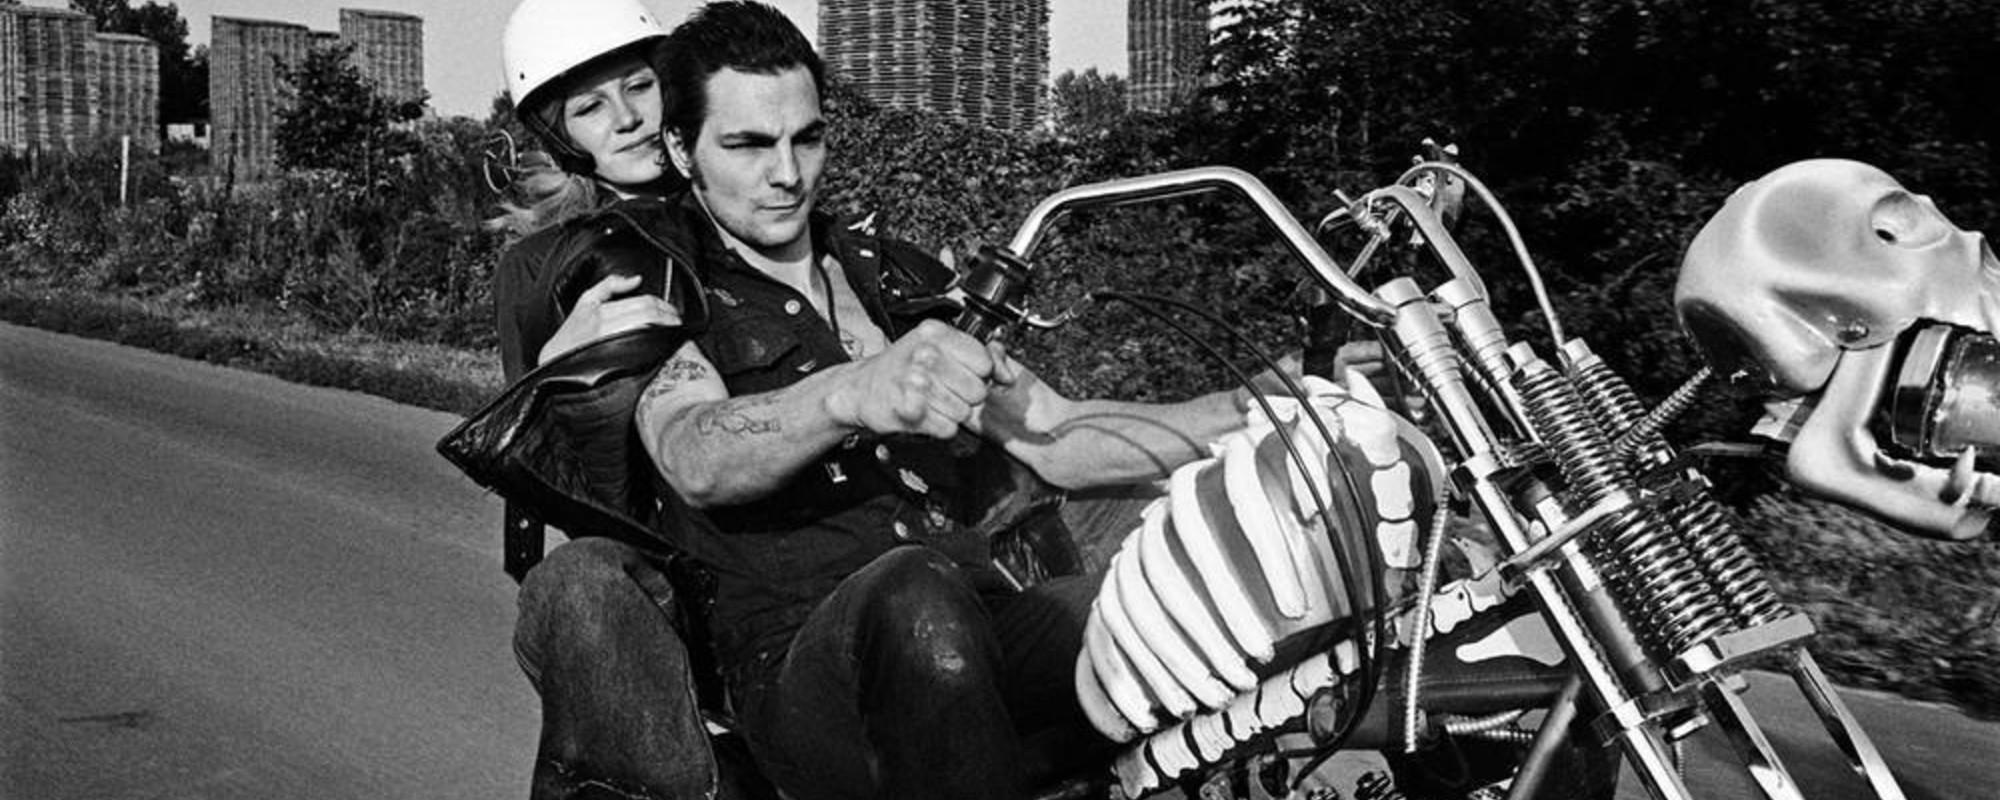 Nazistowskie przyśpiewki i żarcie z puszki: zobacz niesamowite zdjęcia paryskich motocyklistów lat 70.